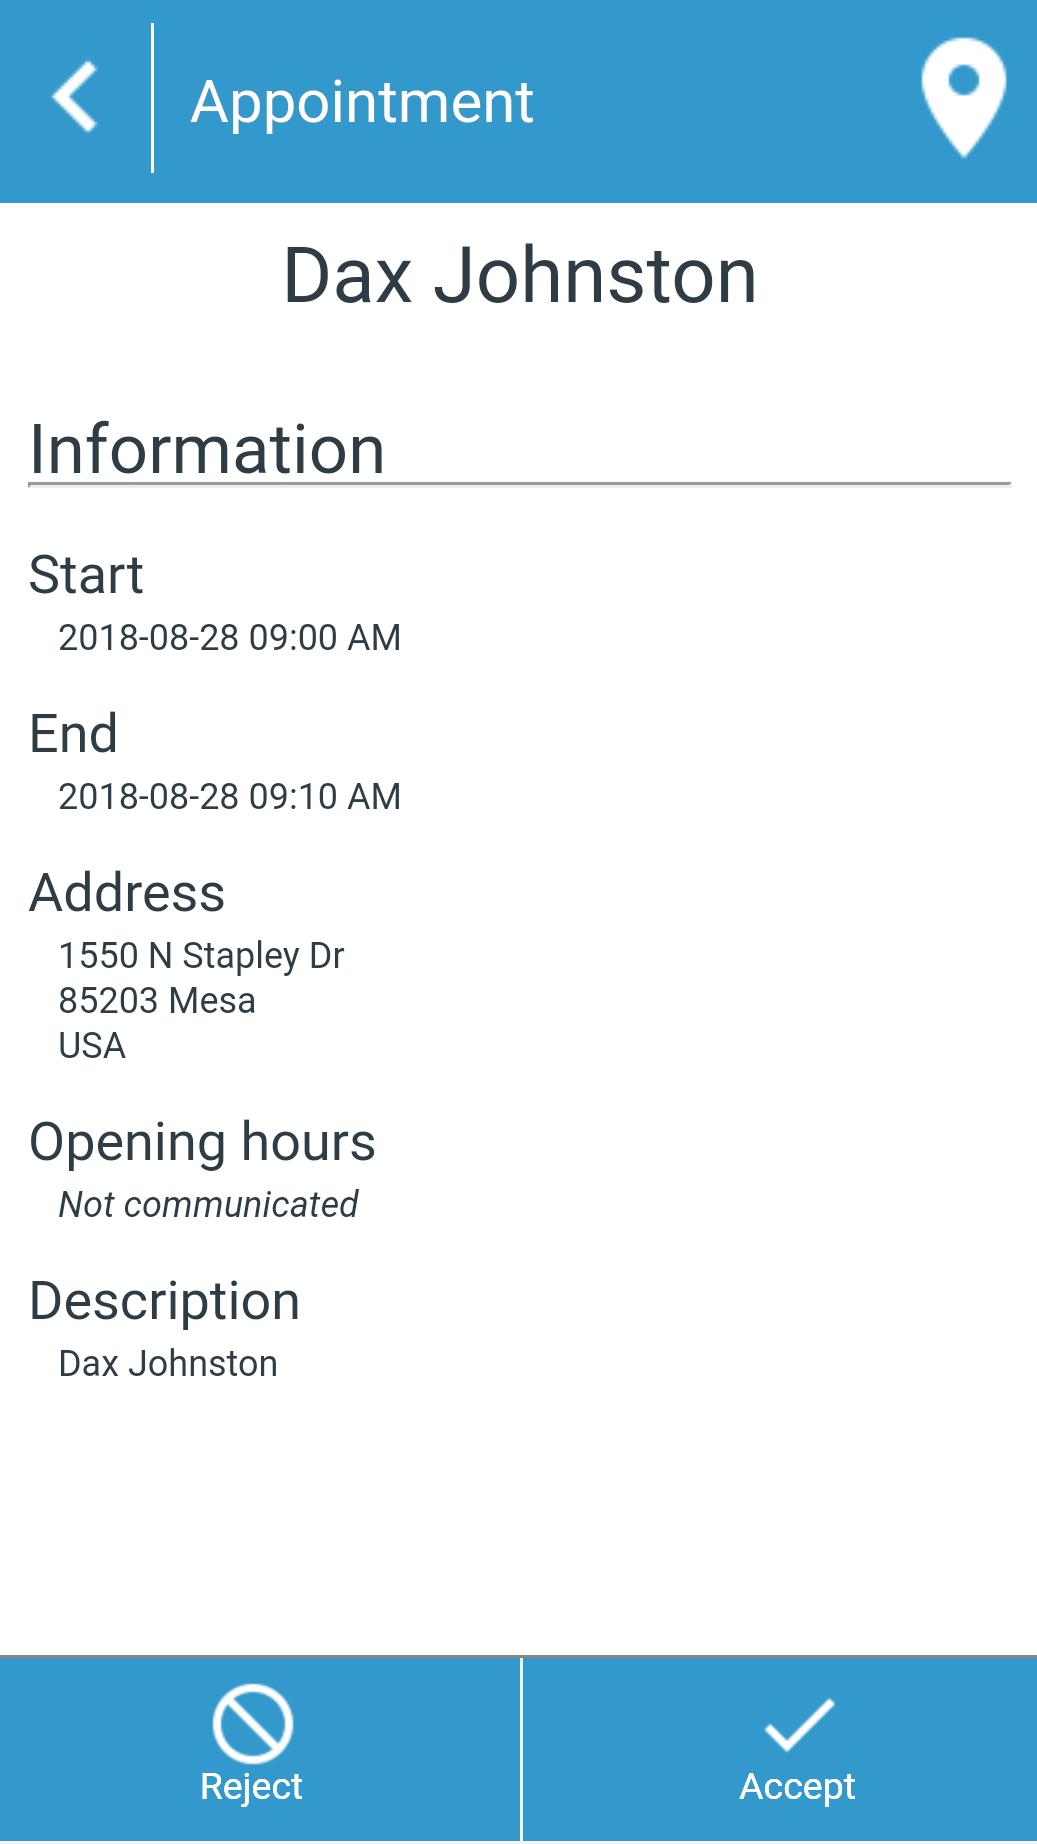 Configuring the TourSolver mobile app   TourSolver